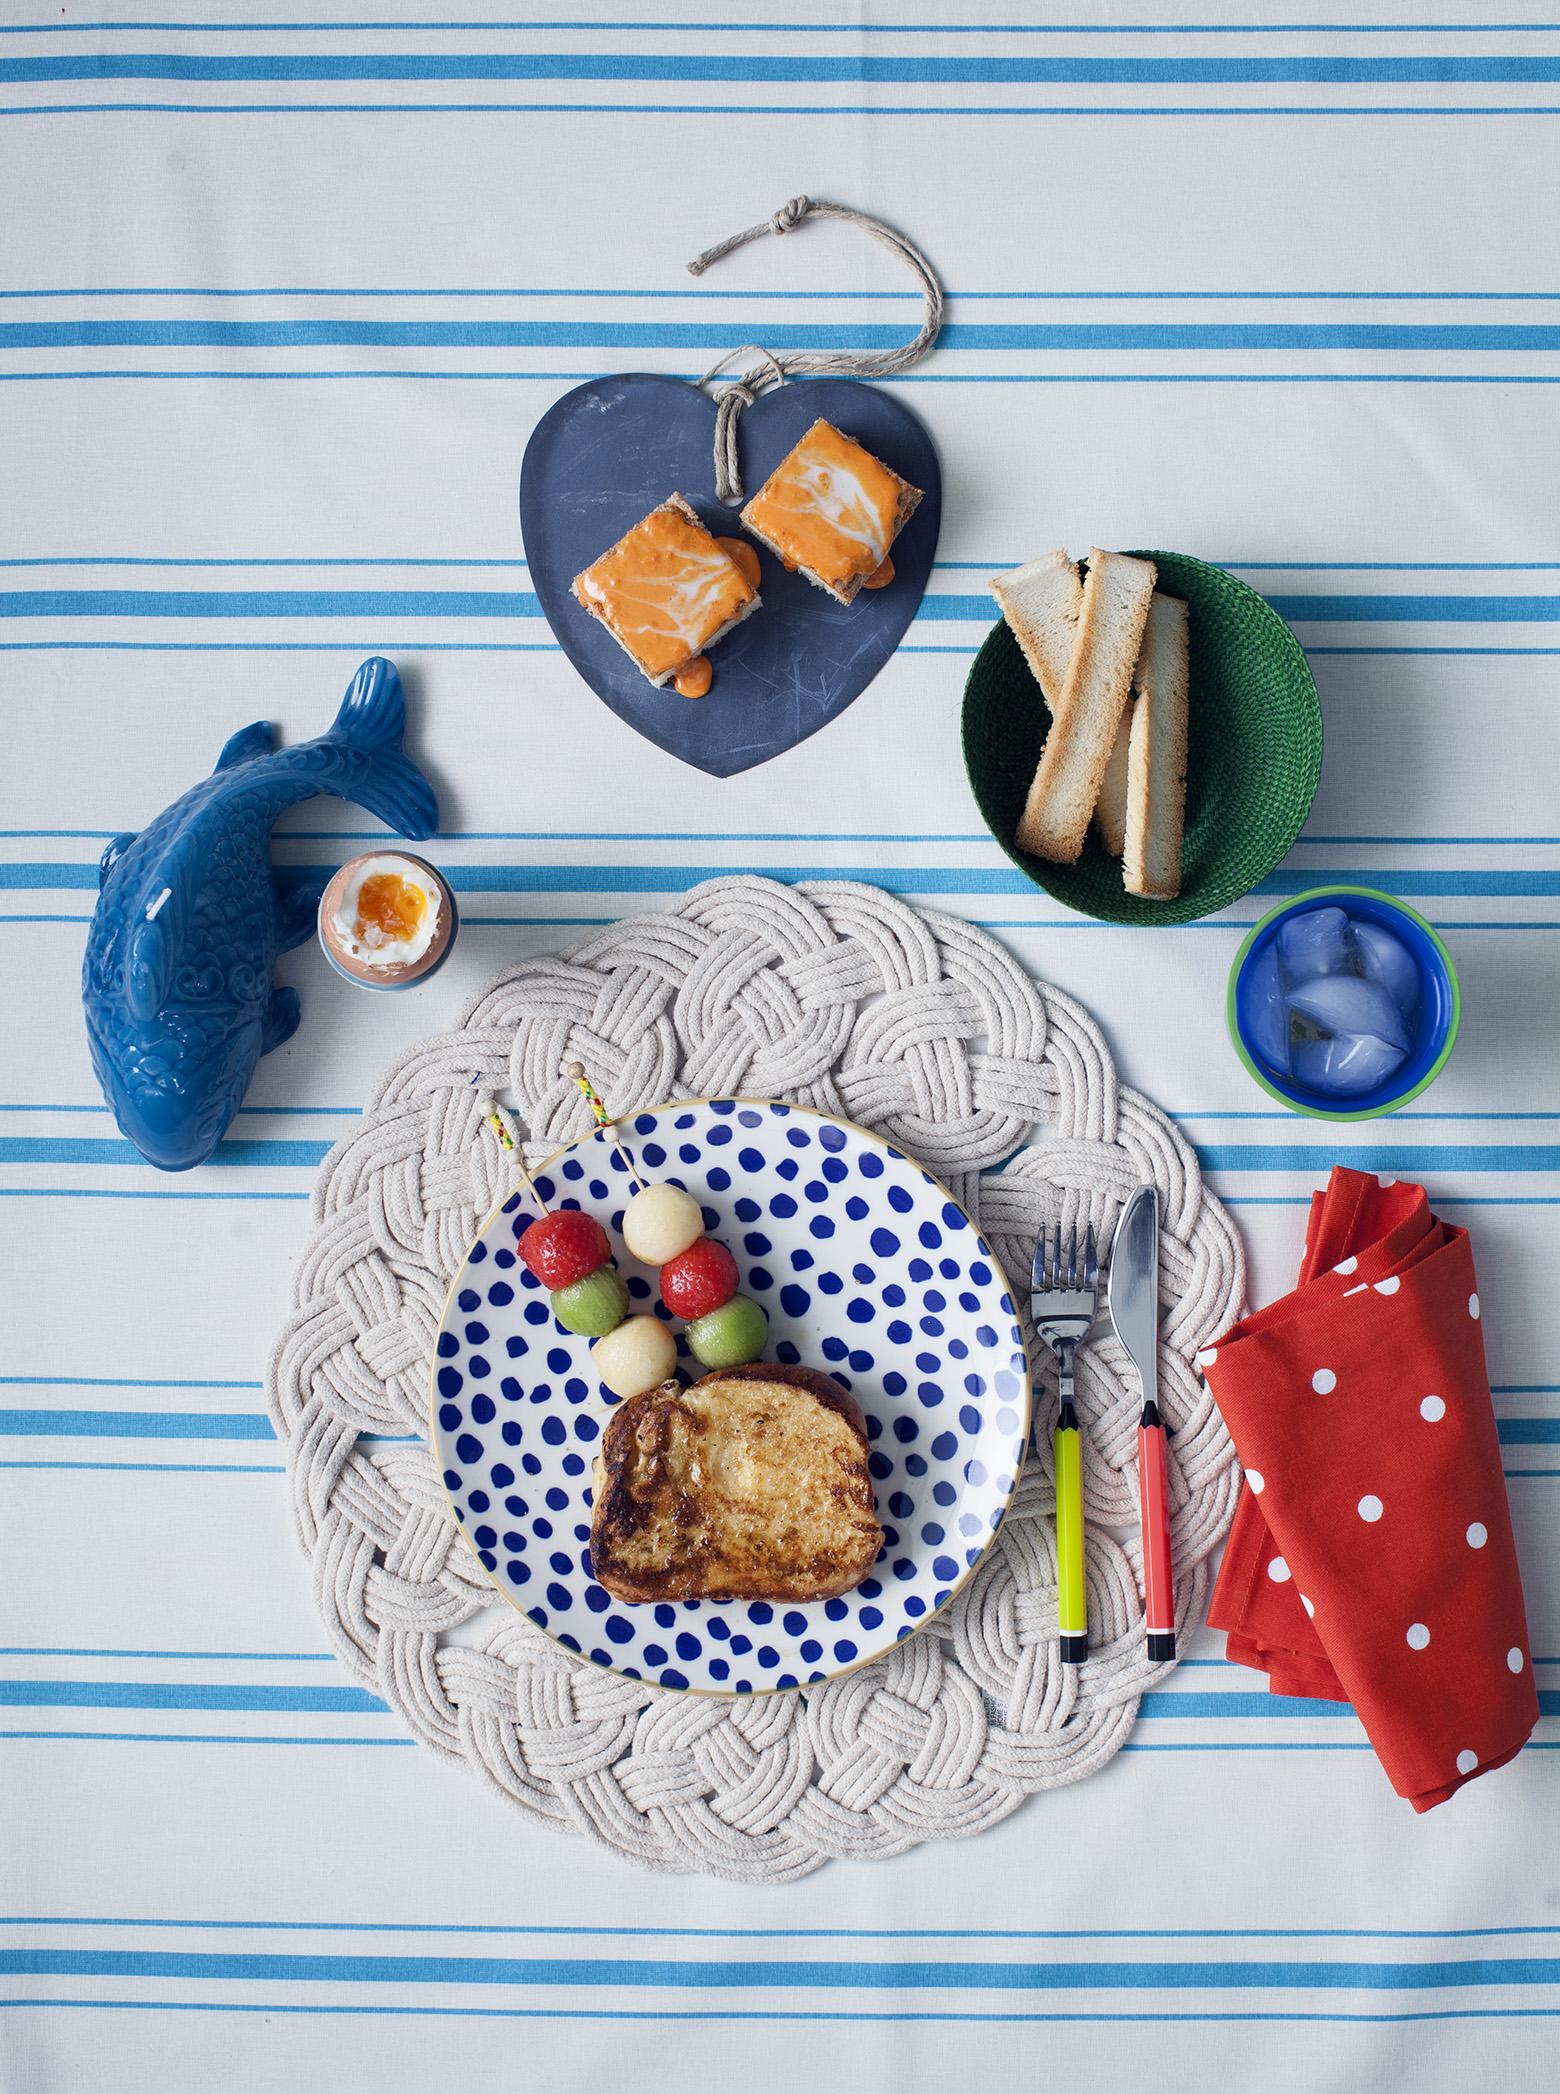 Platos frescos taller para ni os escuela de cocina telva - Escuela cocina telva ...